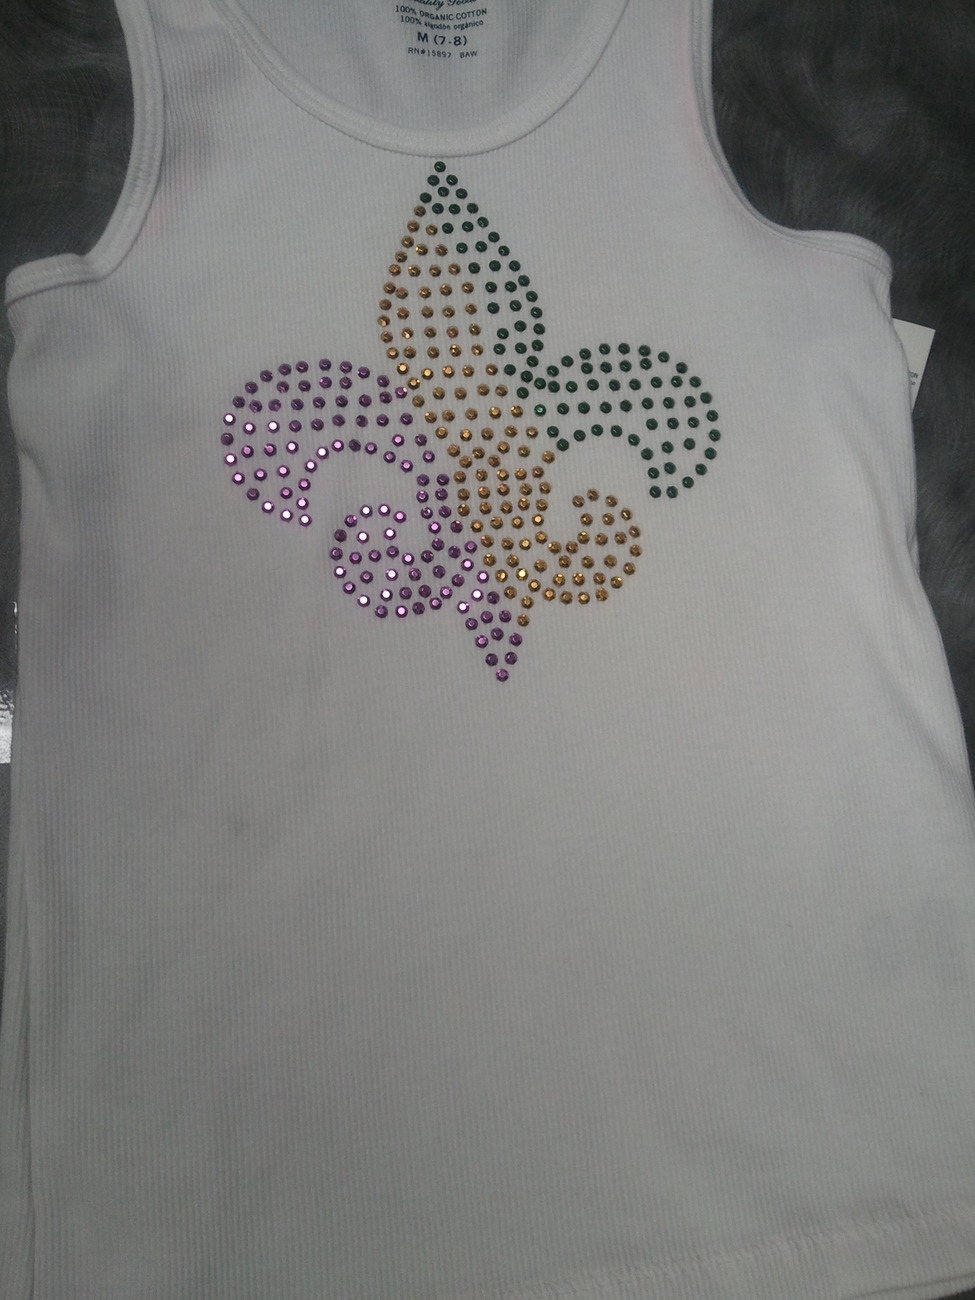 Kids New Orleans Saints ~ Rhinestone Crystal Sparkle Kids Tee Custom Color/Size